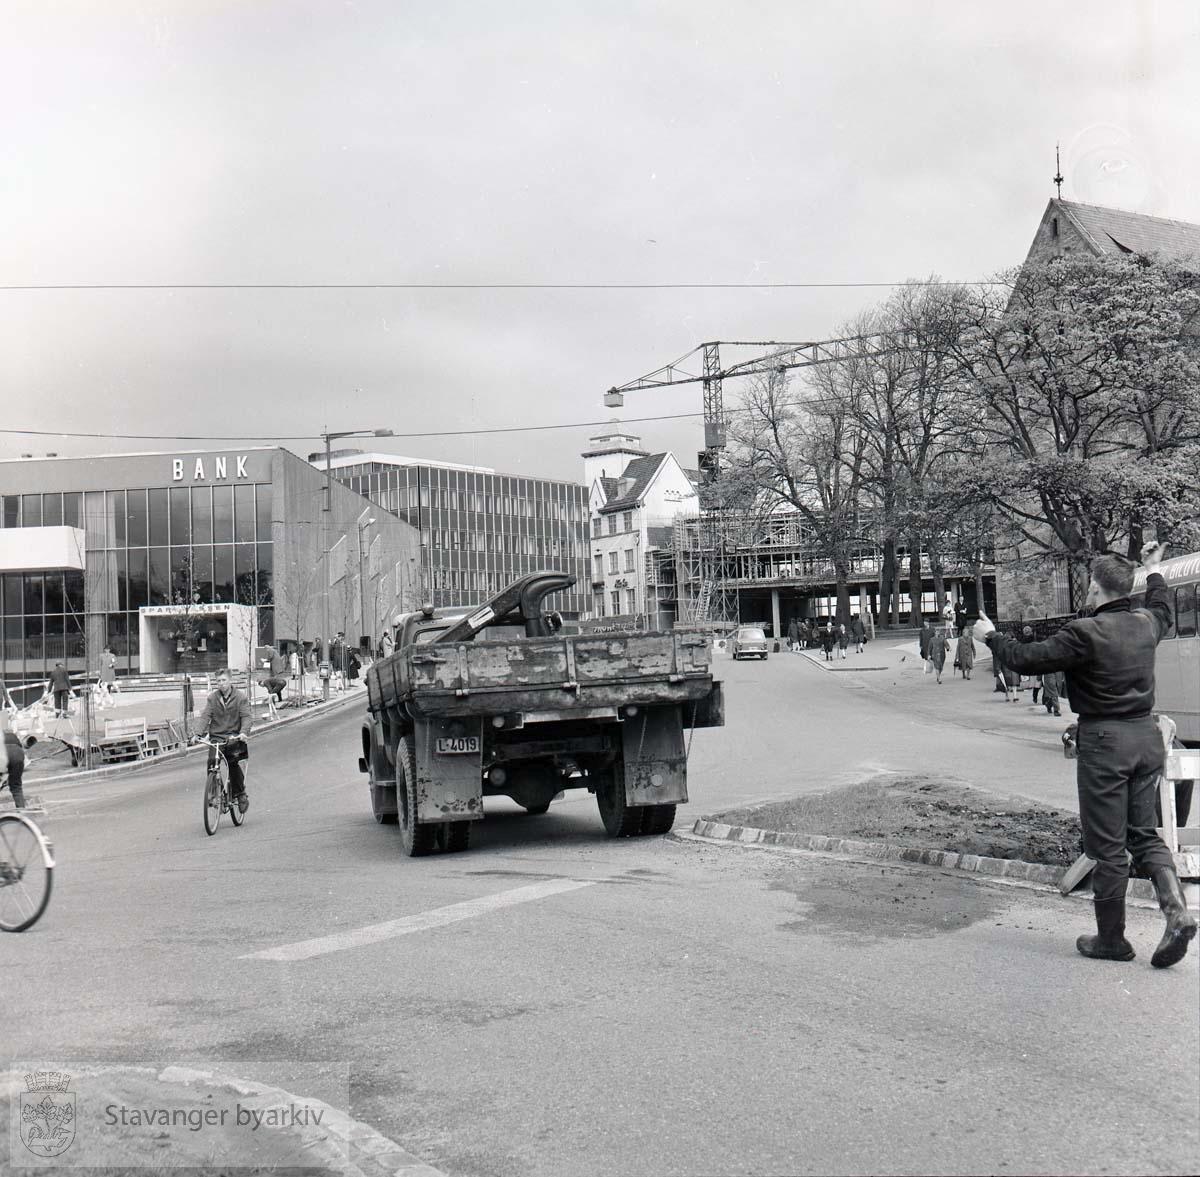 Anleggsarbeid. Norges Bank under oppføring. Stavanger Sparekasse, Hetland Sparebank og Domkirken. Buss nr 9 Mariero-Hillevåg i gaten.